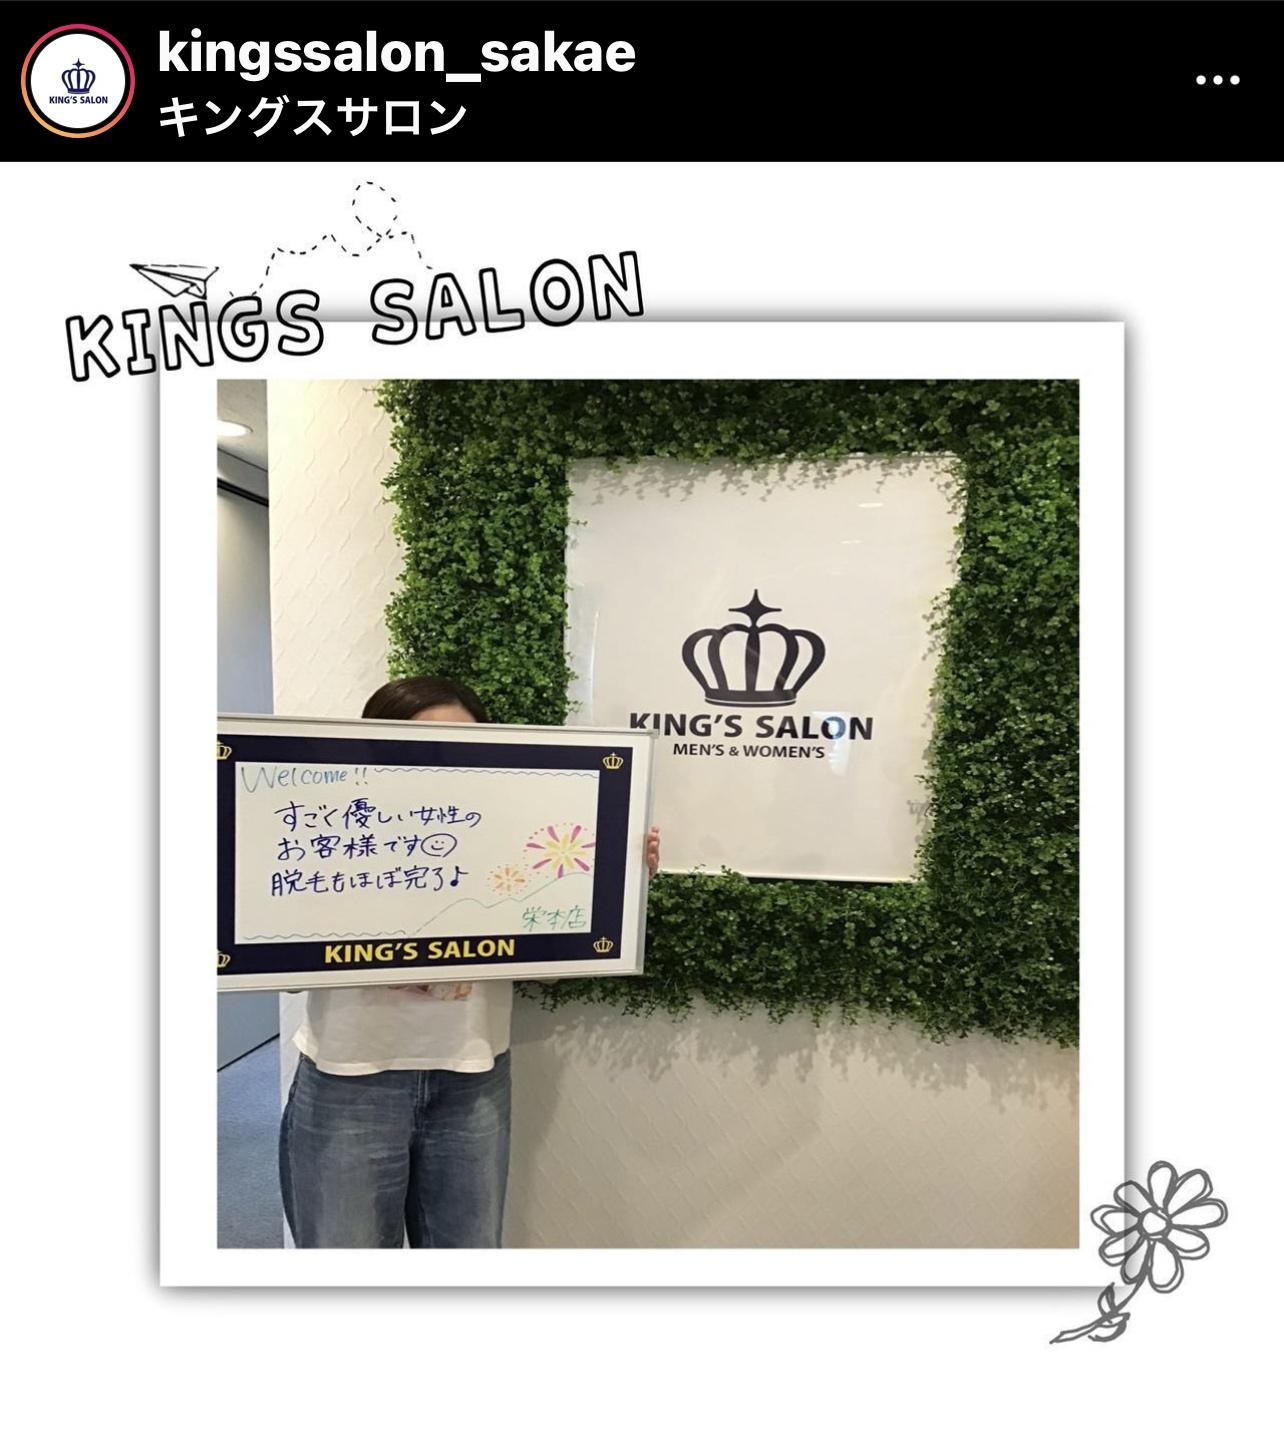 お客様の声 キングスサロン栄本店のサムネイル画像